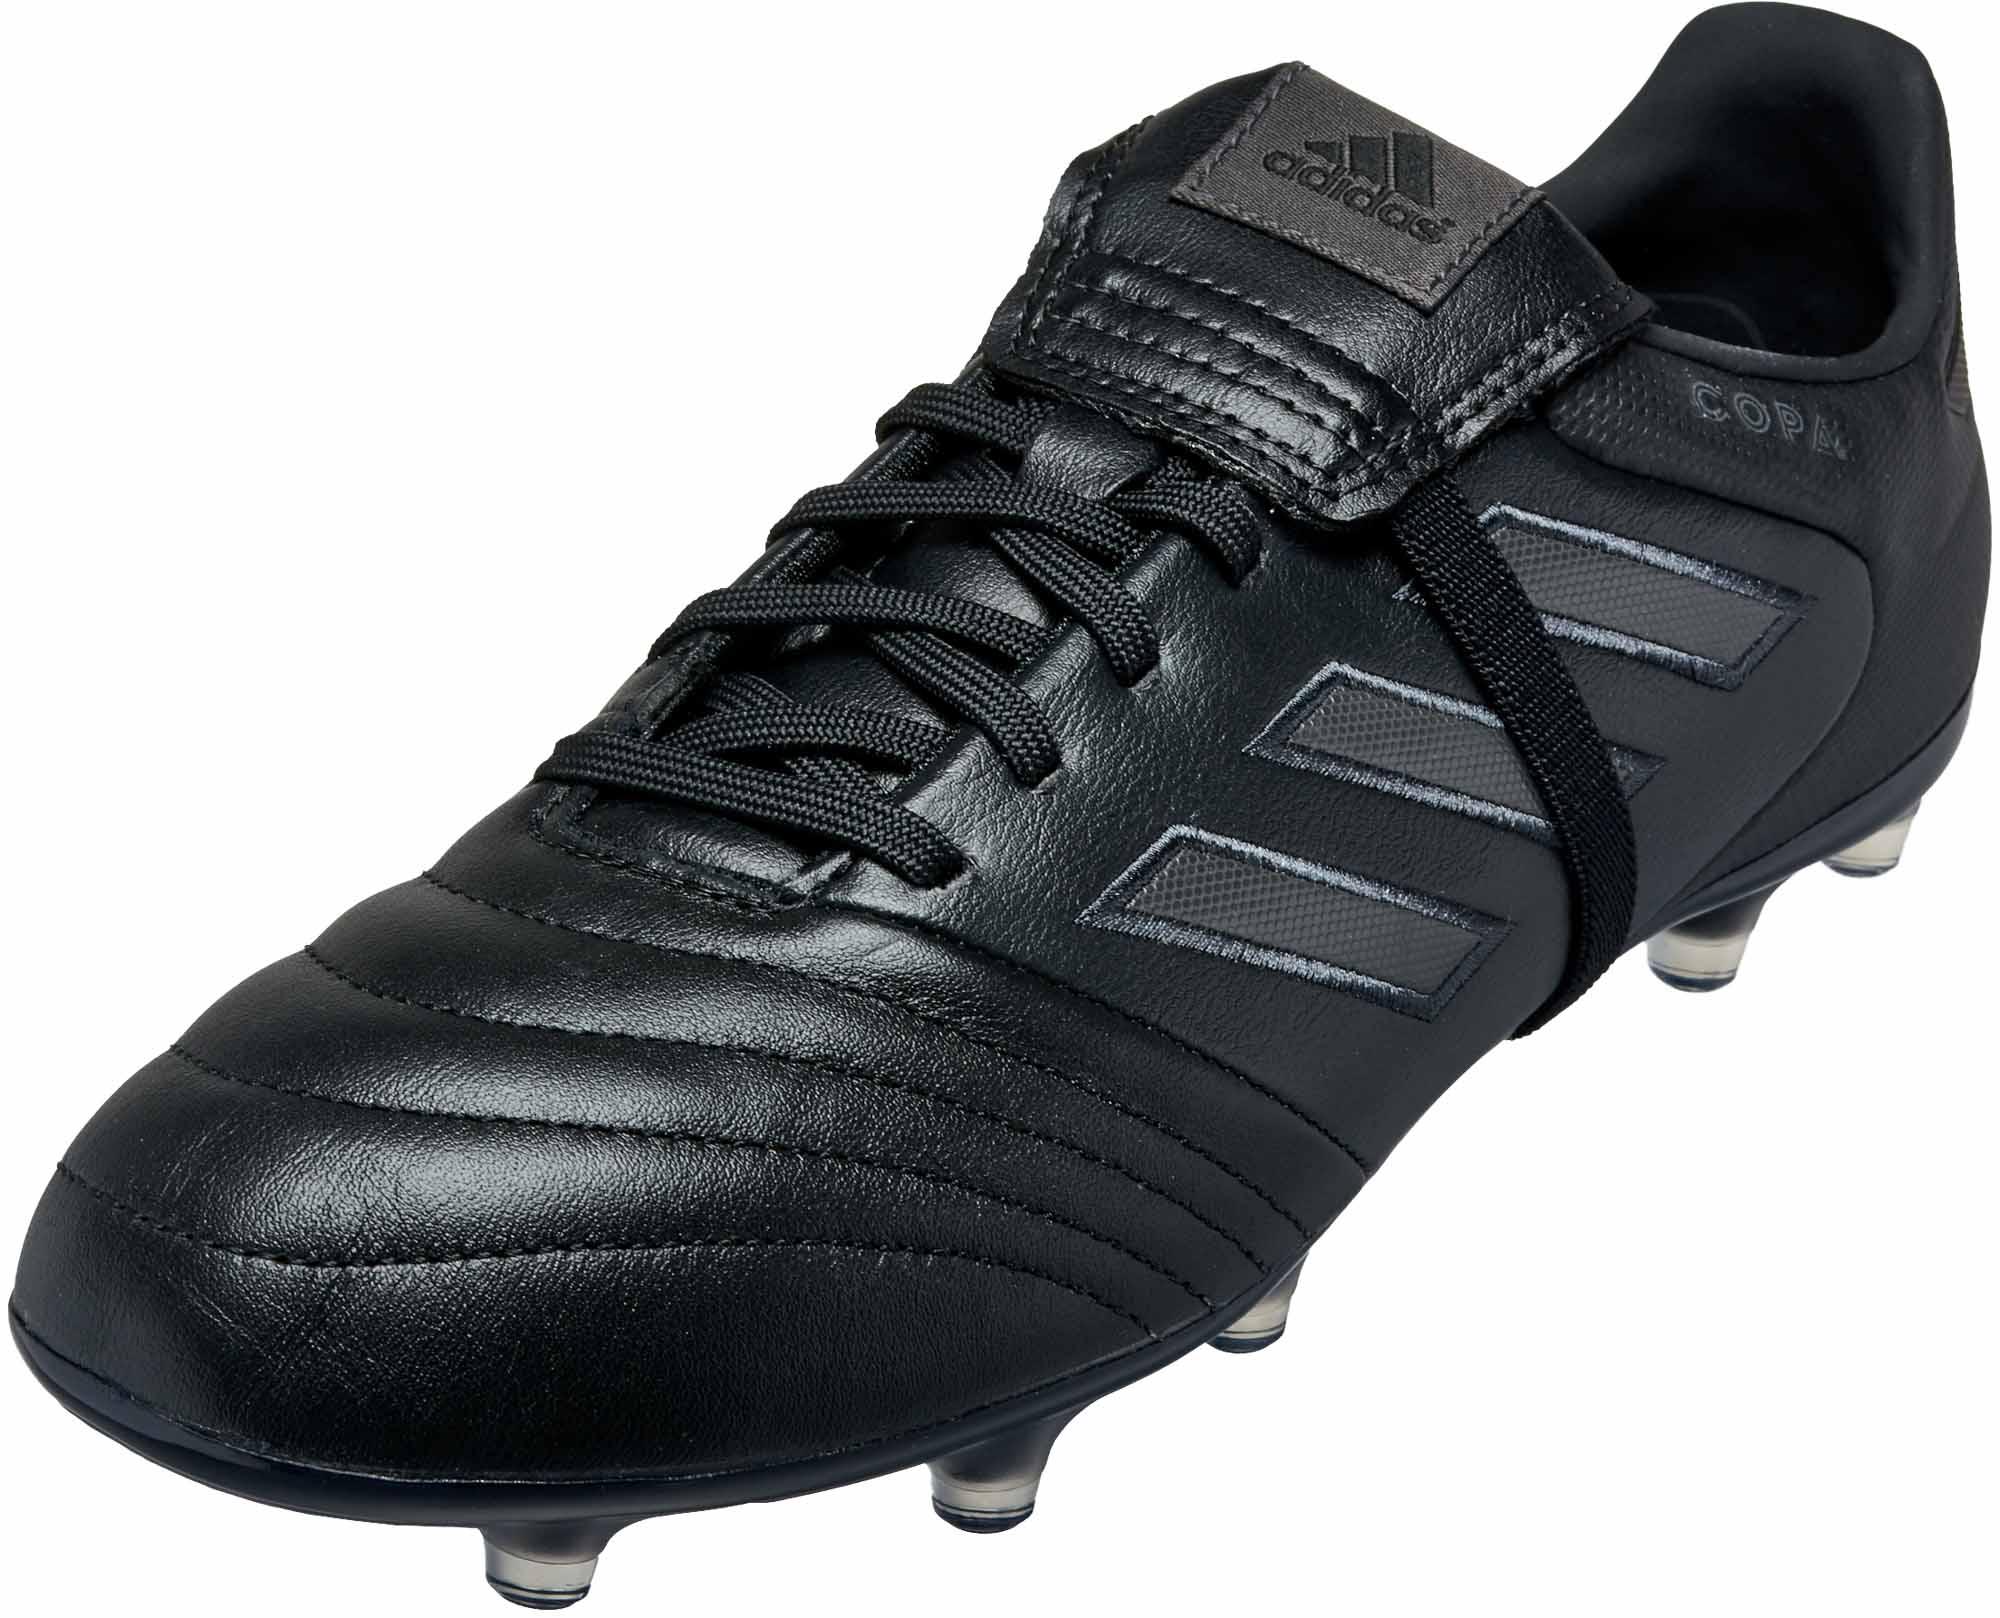 promo code 33d9d a8565 adidas Copa Gloro 17.2 FG – Core BlackUtility Black